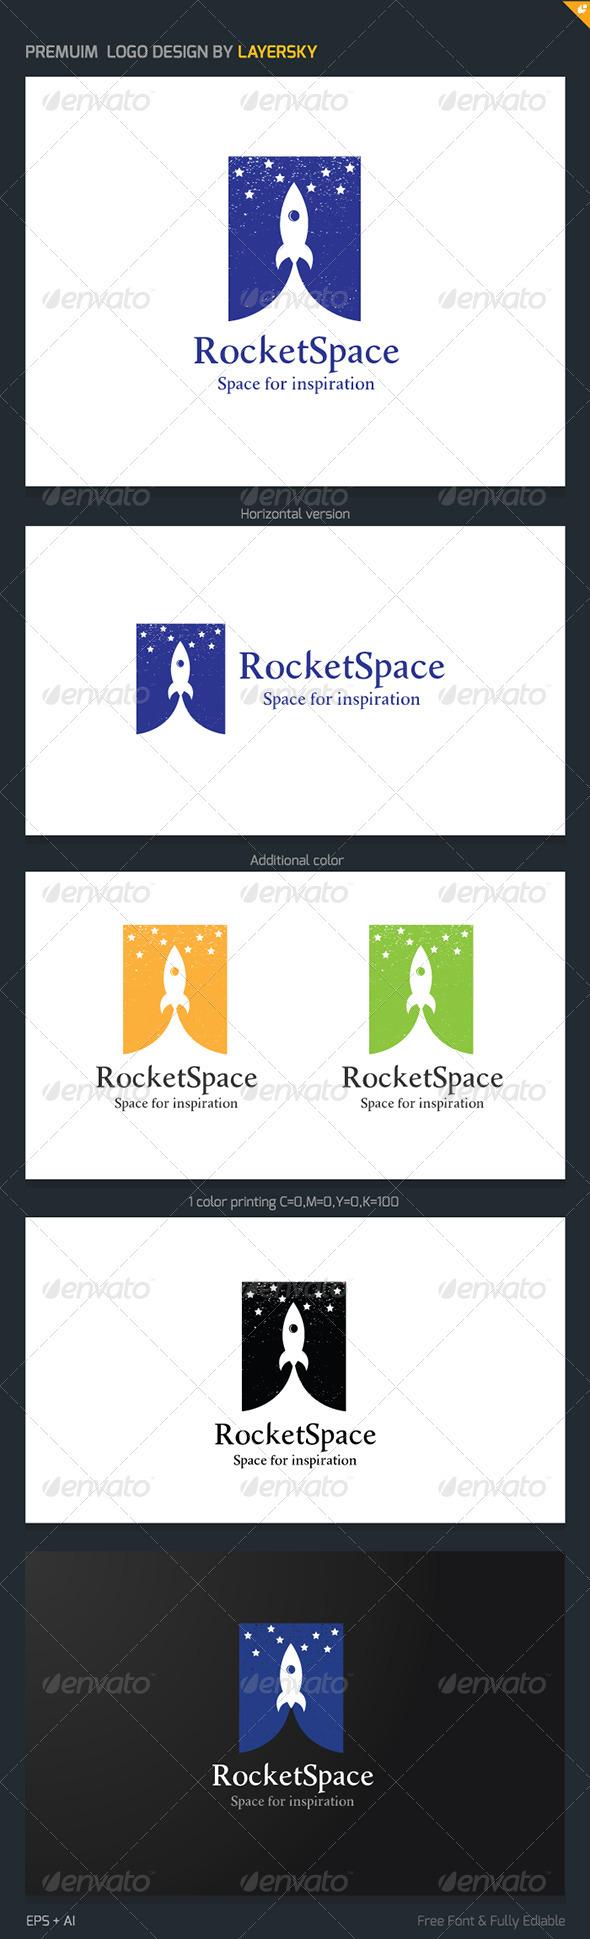 GraphicRiver Rocket Space Logo 3966233